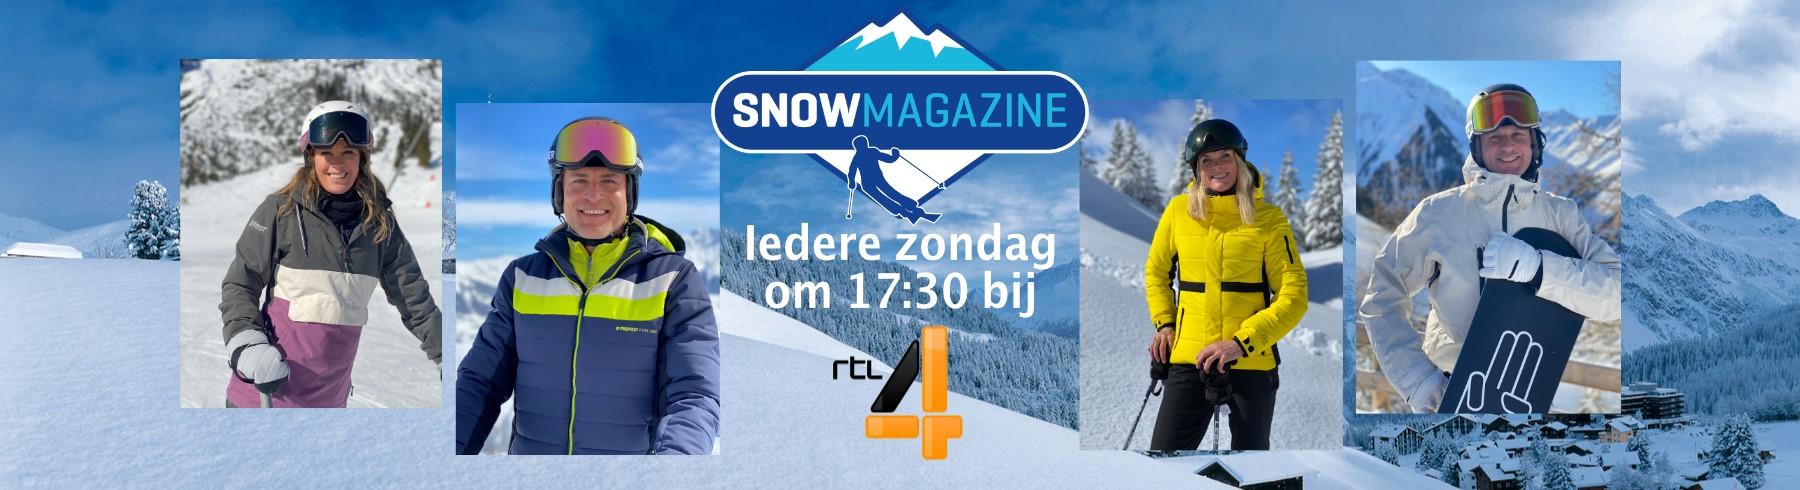 Snowmagazine_banner_2020-2021